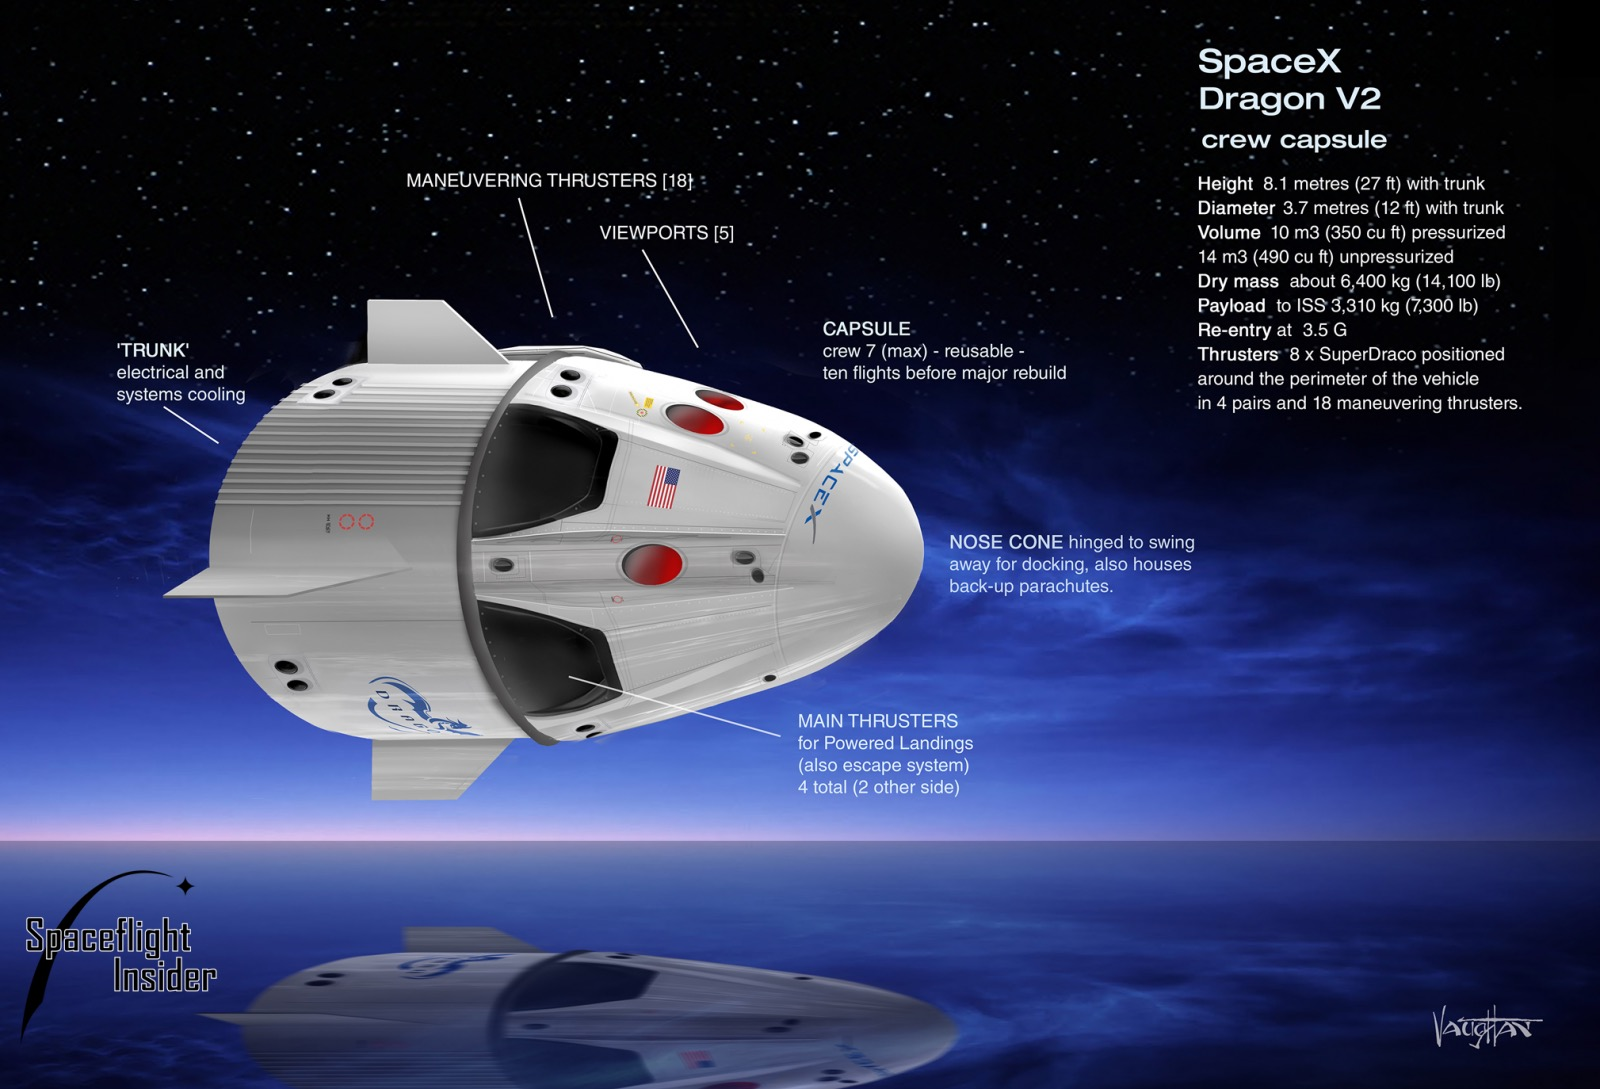 Tàu vũ trụ Dragon 2 có thể chở người (ảnh: SpaceX)